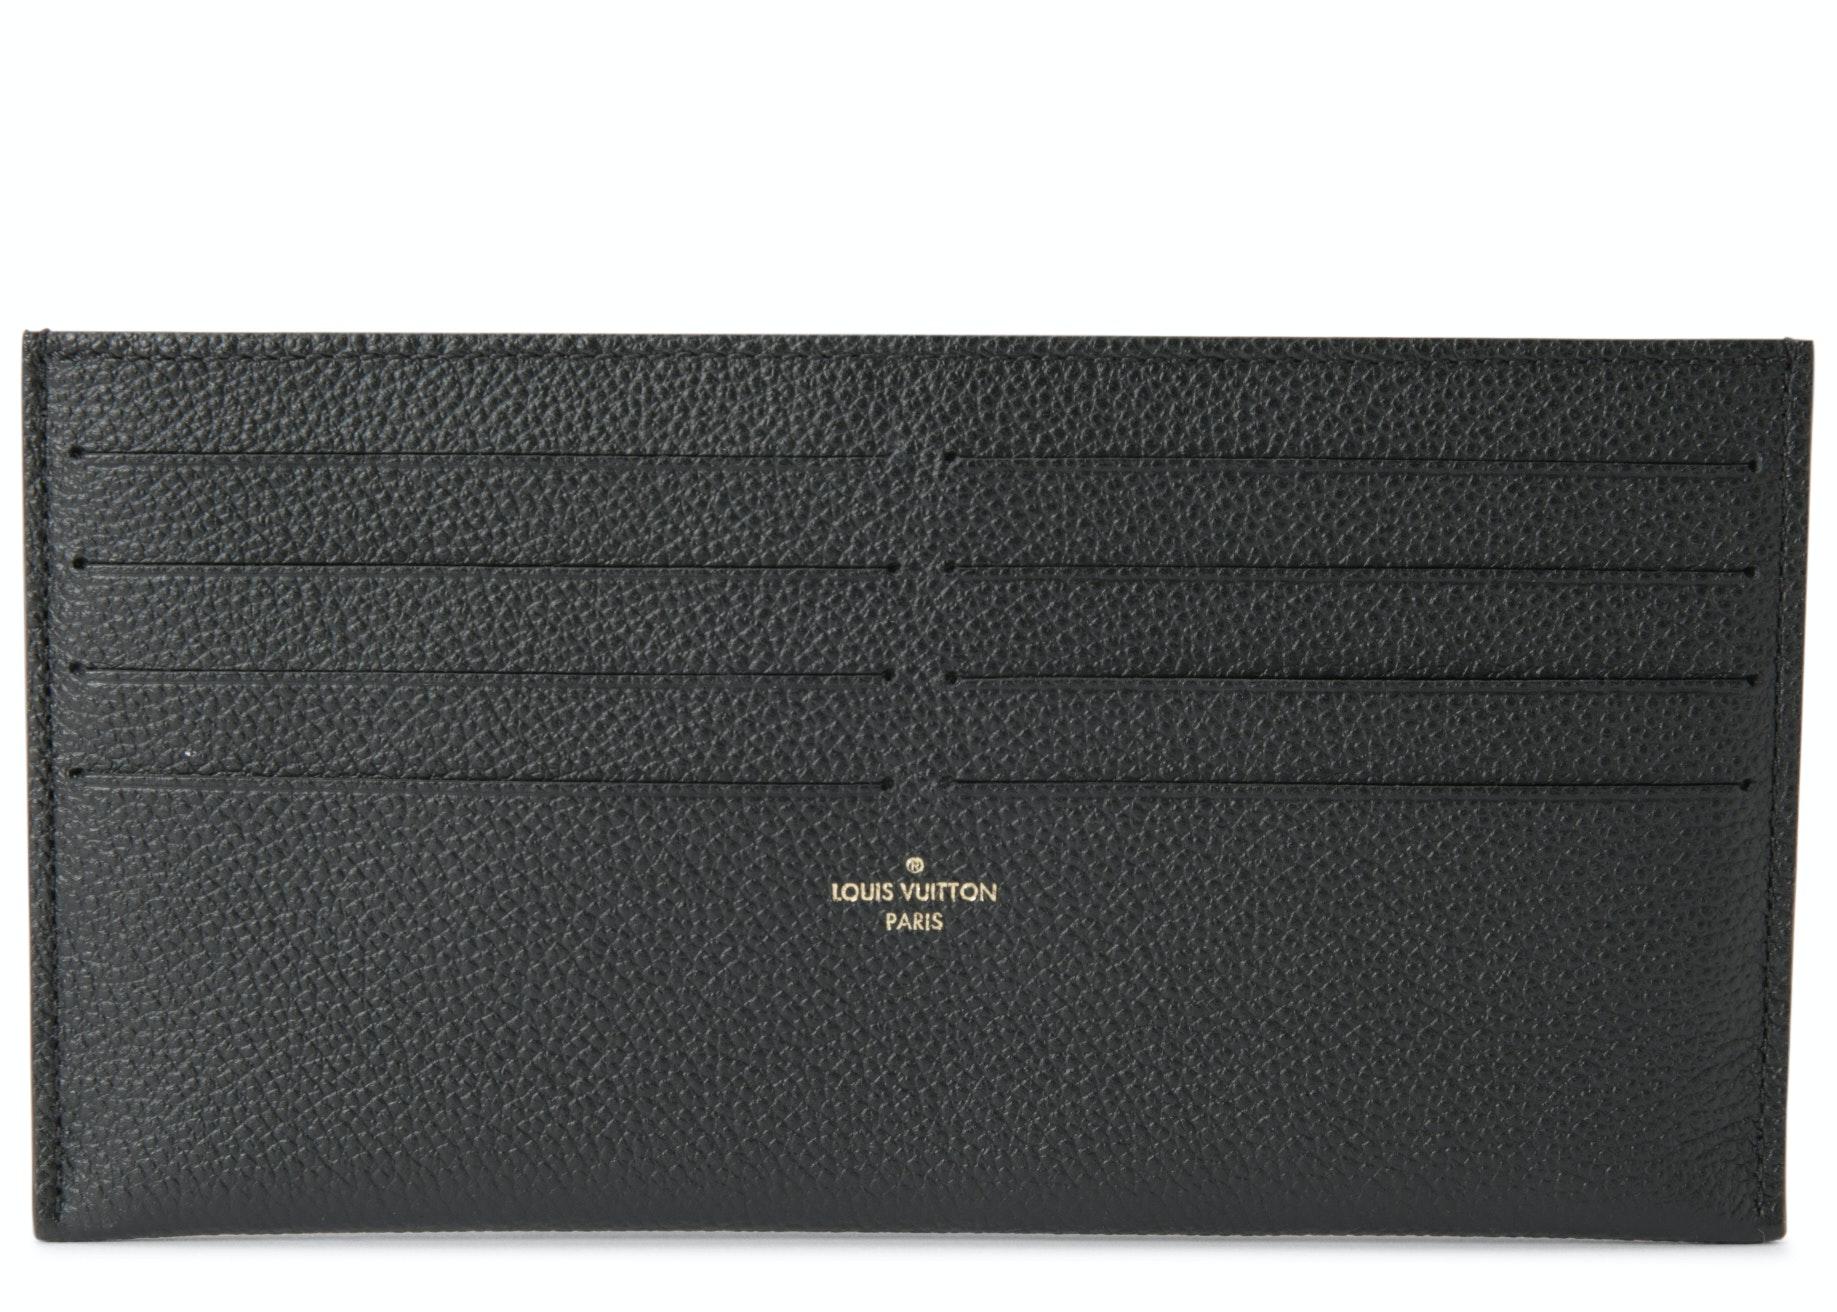 Louis Vuitton Pochette Felicie Card Holder Insert Black